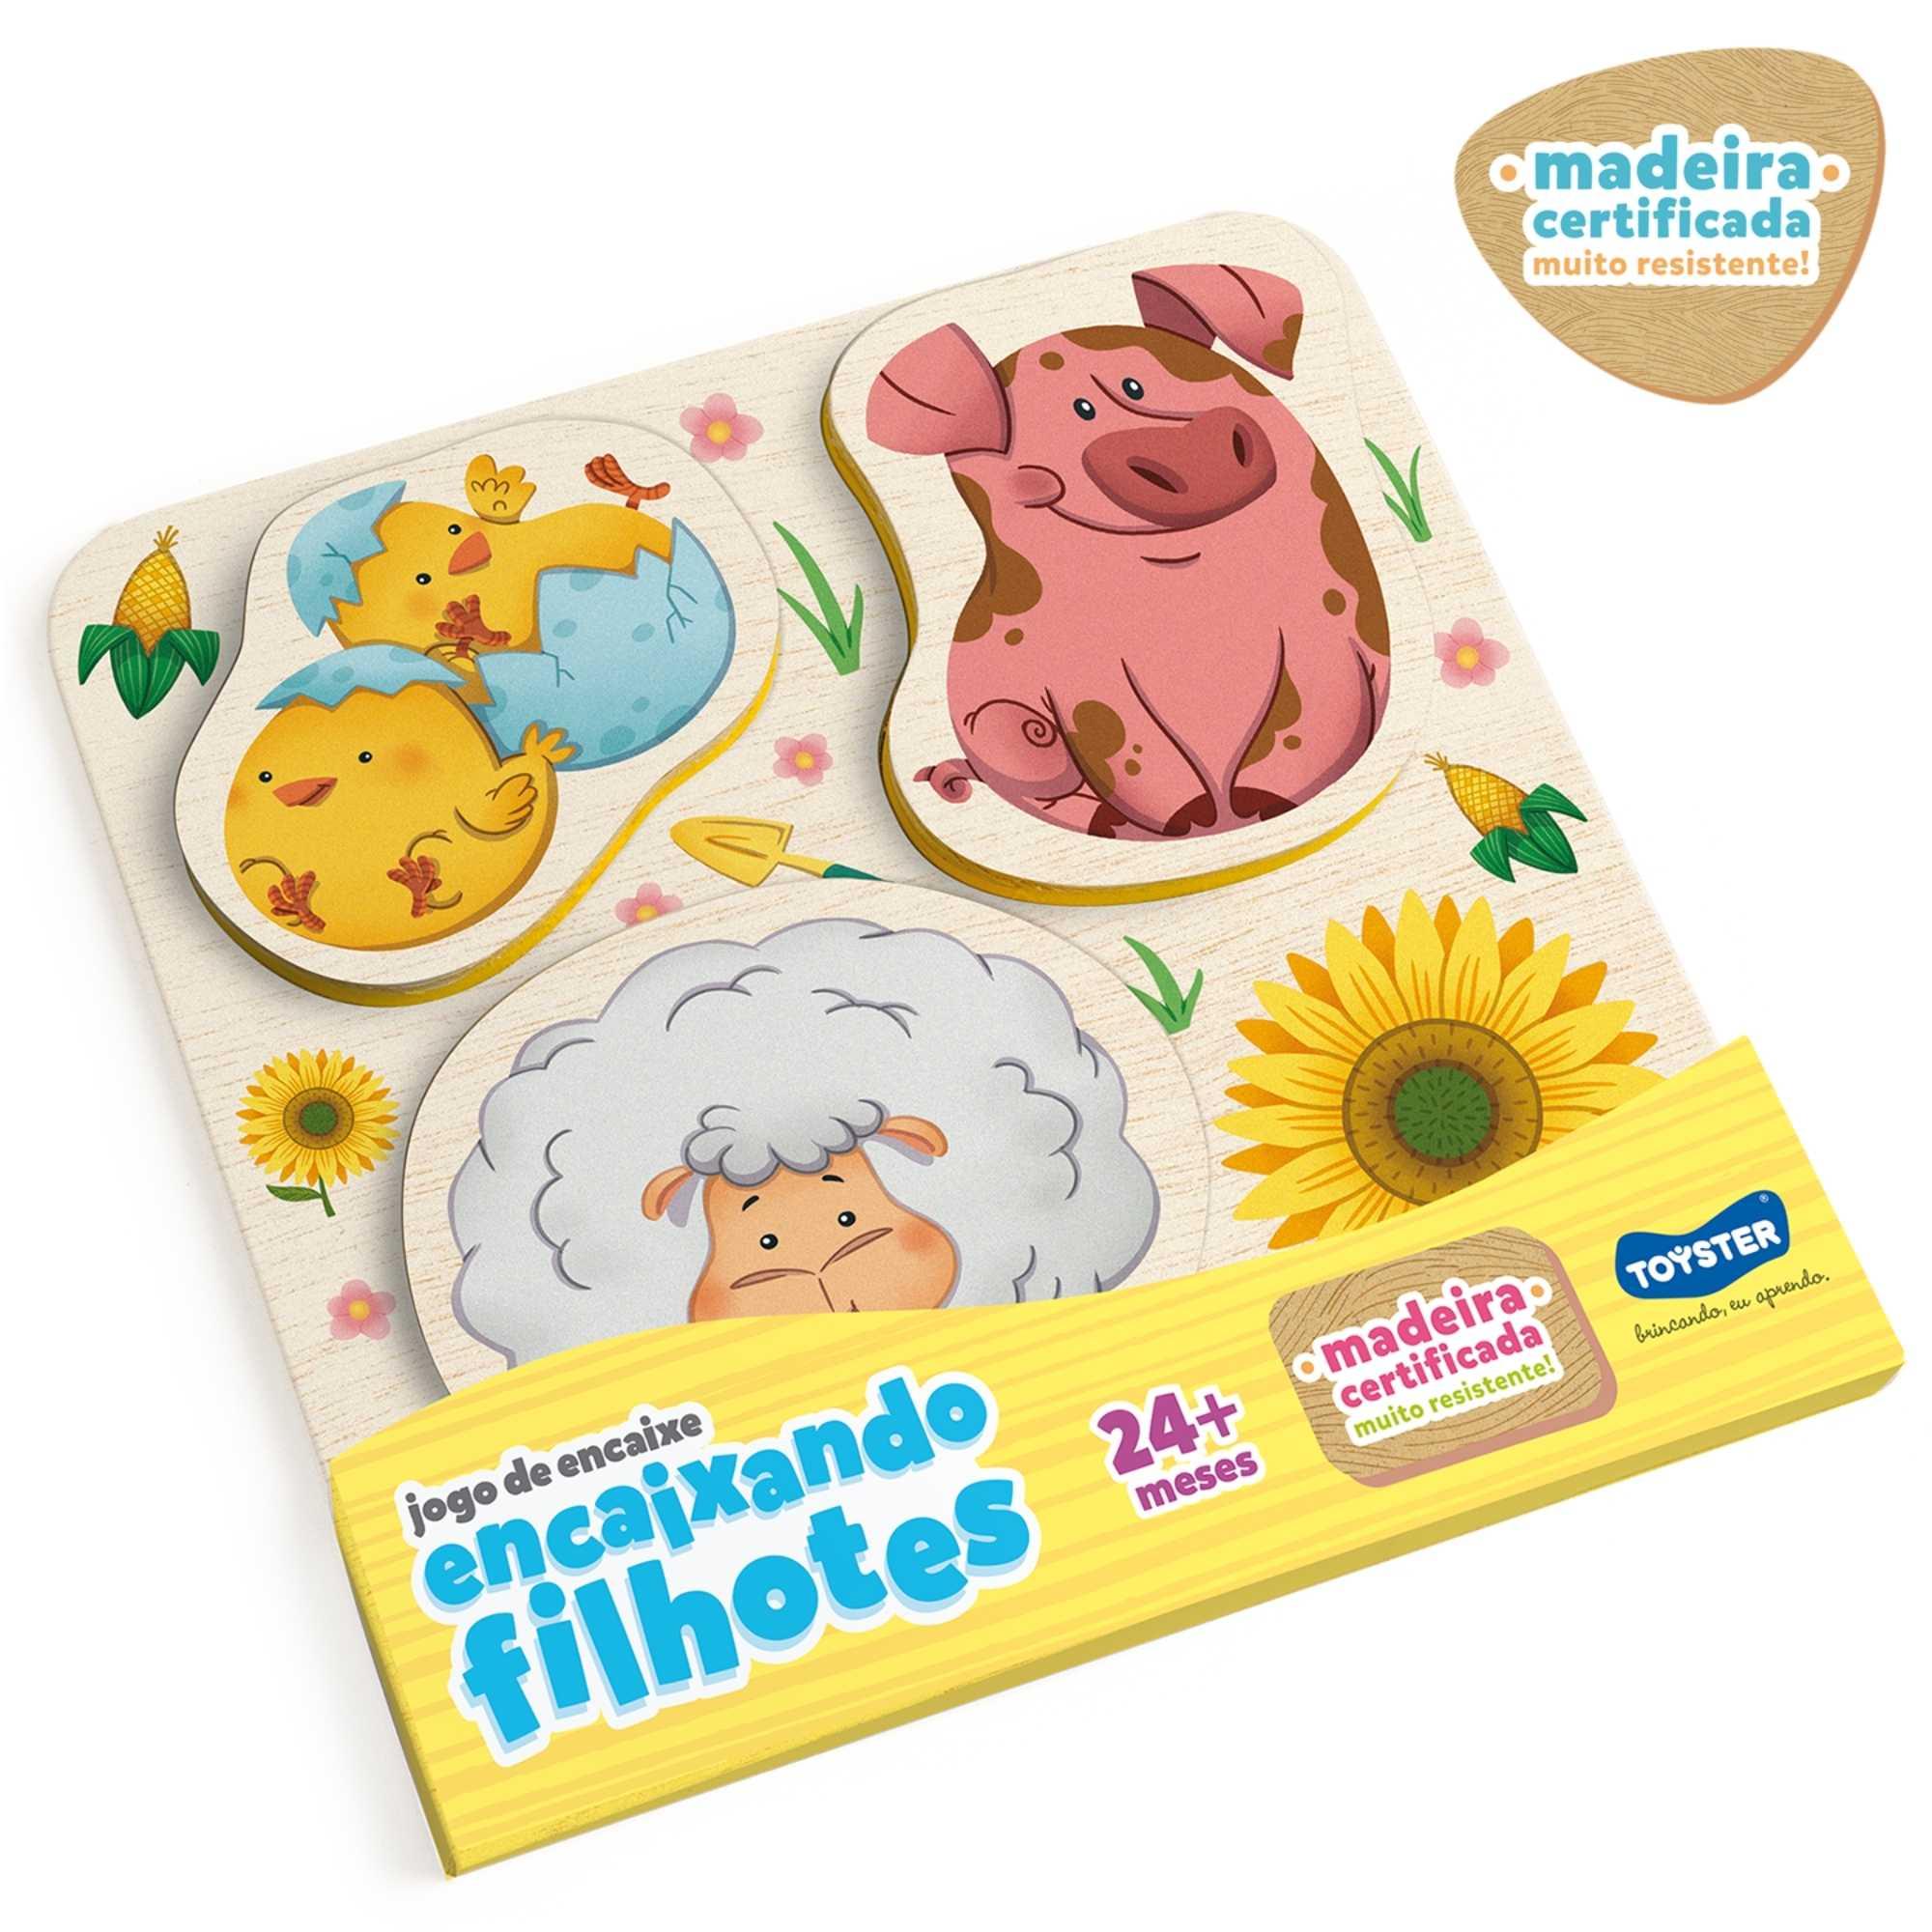 Jogo de Encaixe com Filhotes - Porco, Ovelha e Pintinho